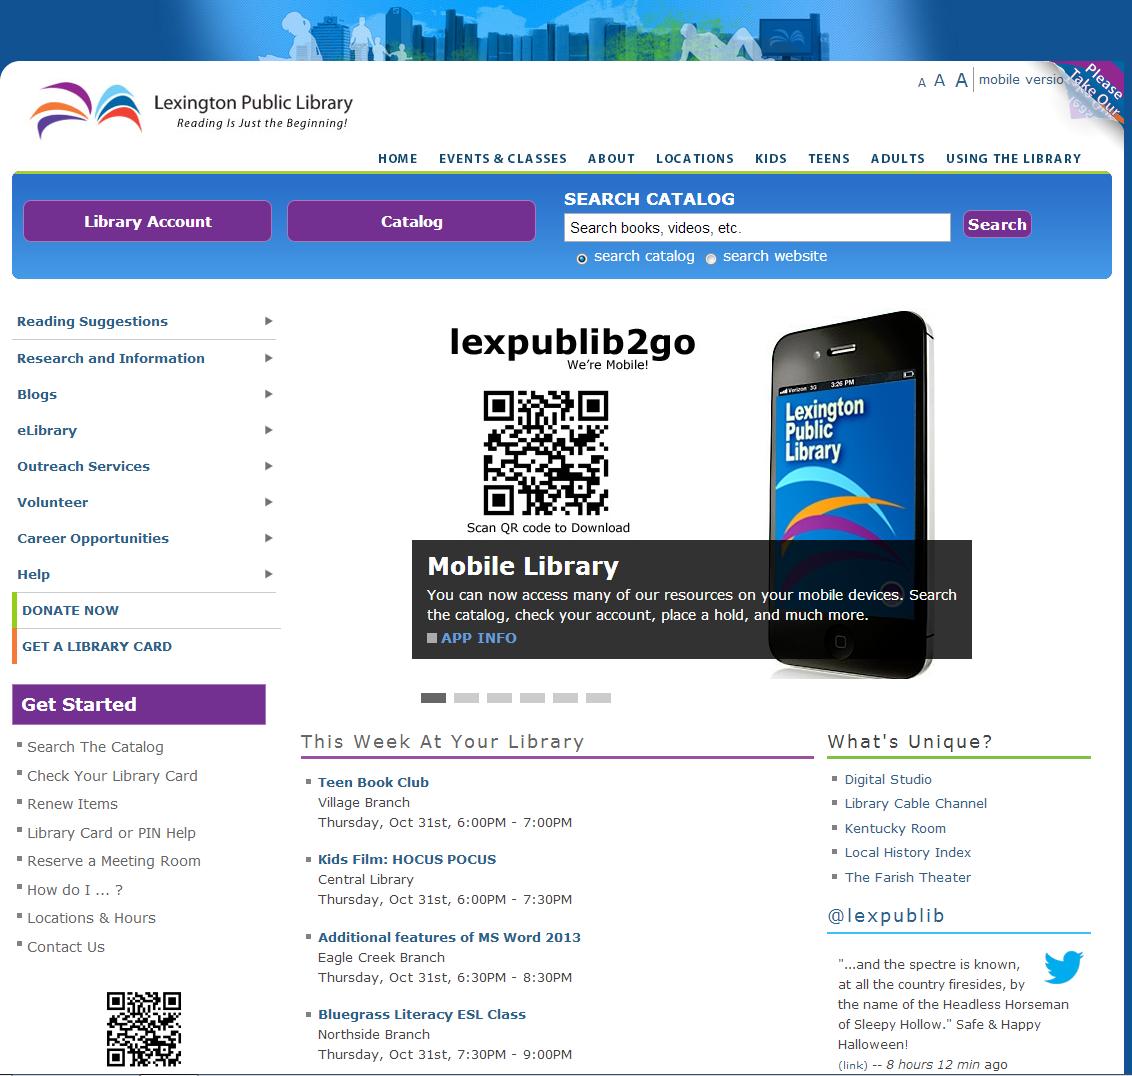 Lexington Public Library Website Promotion Example